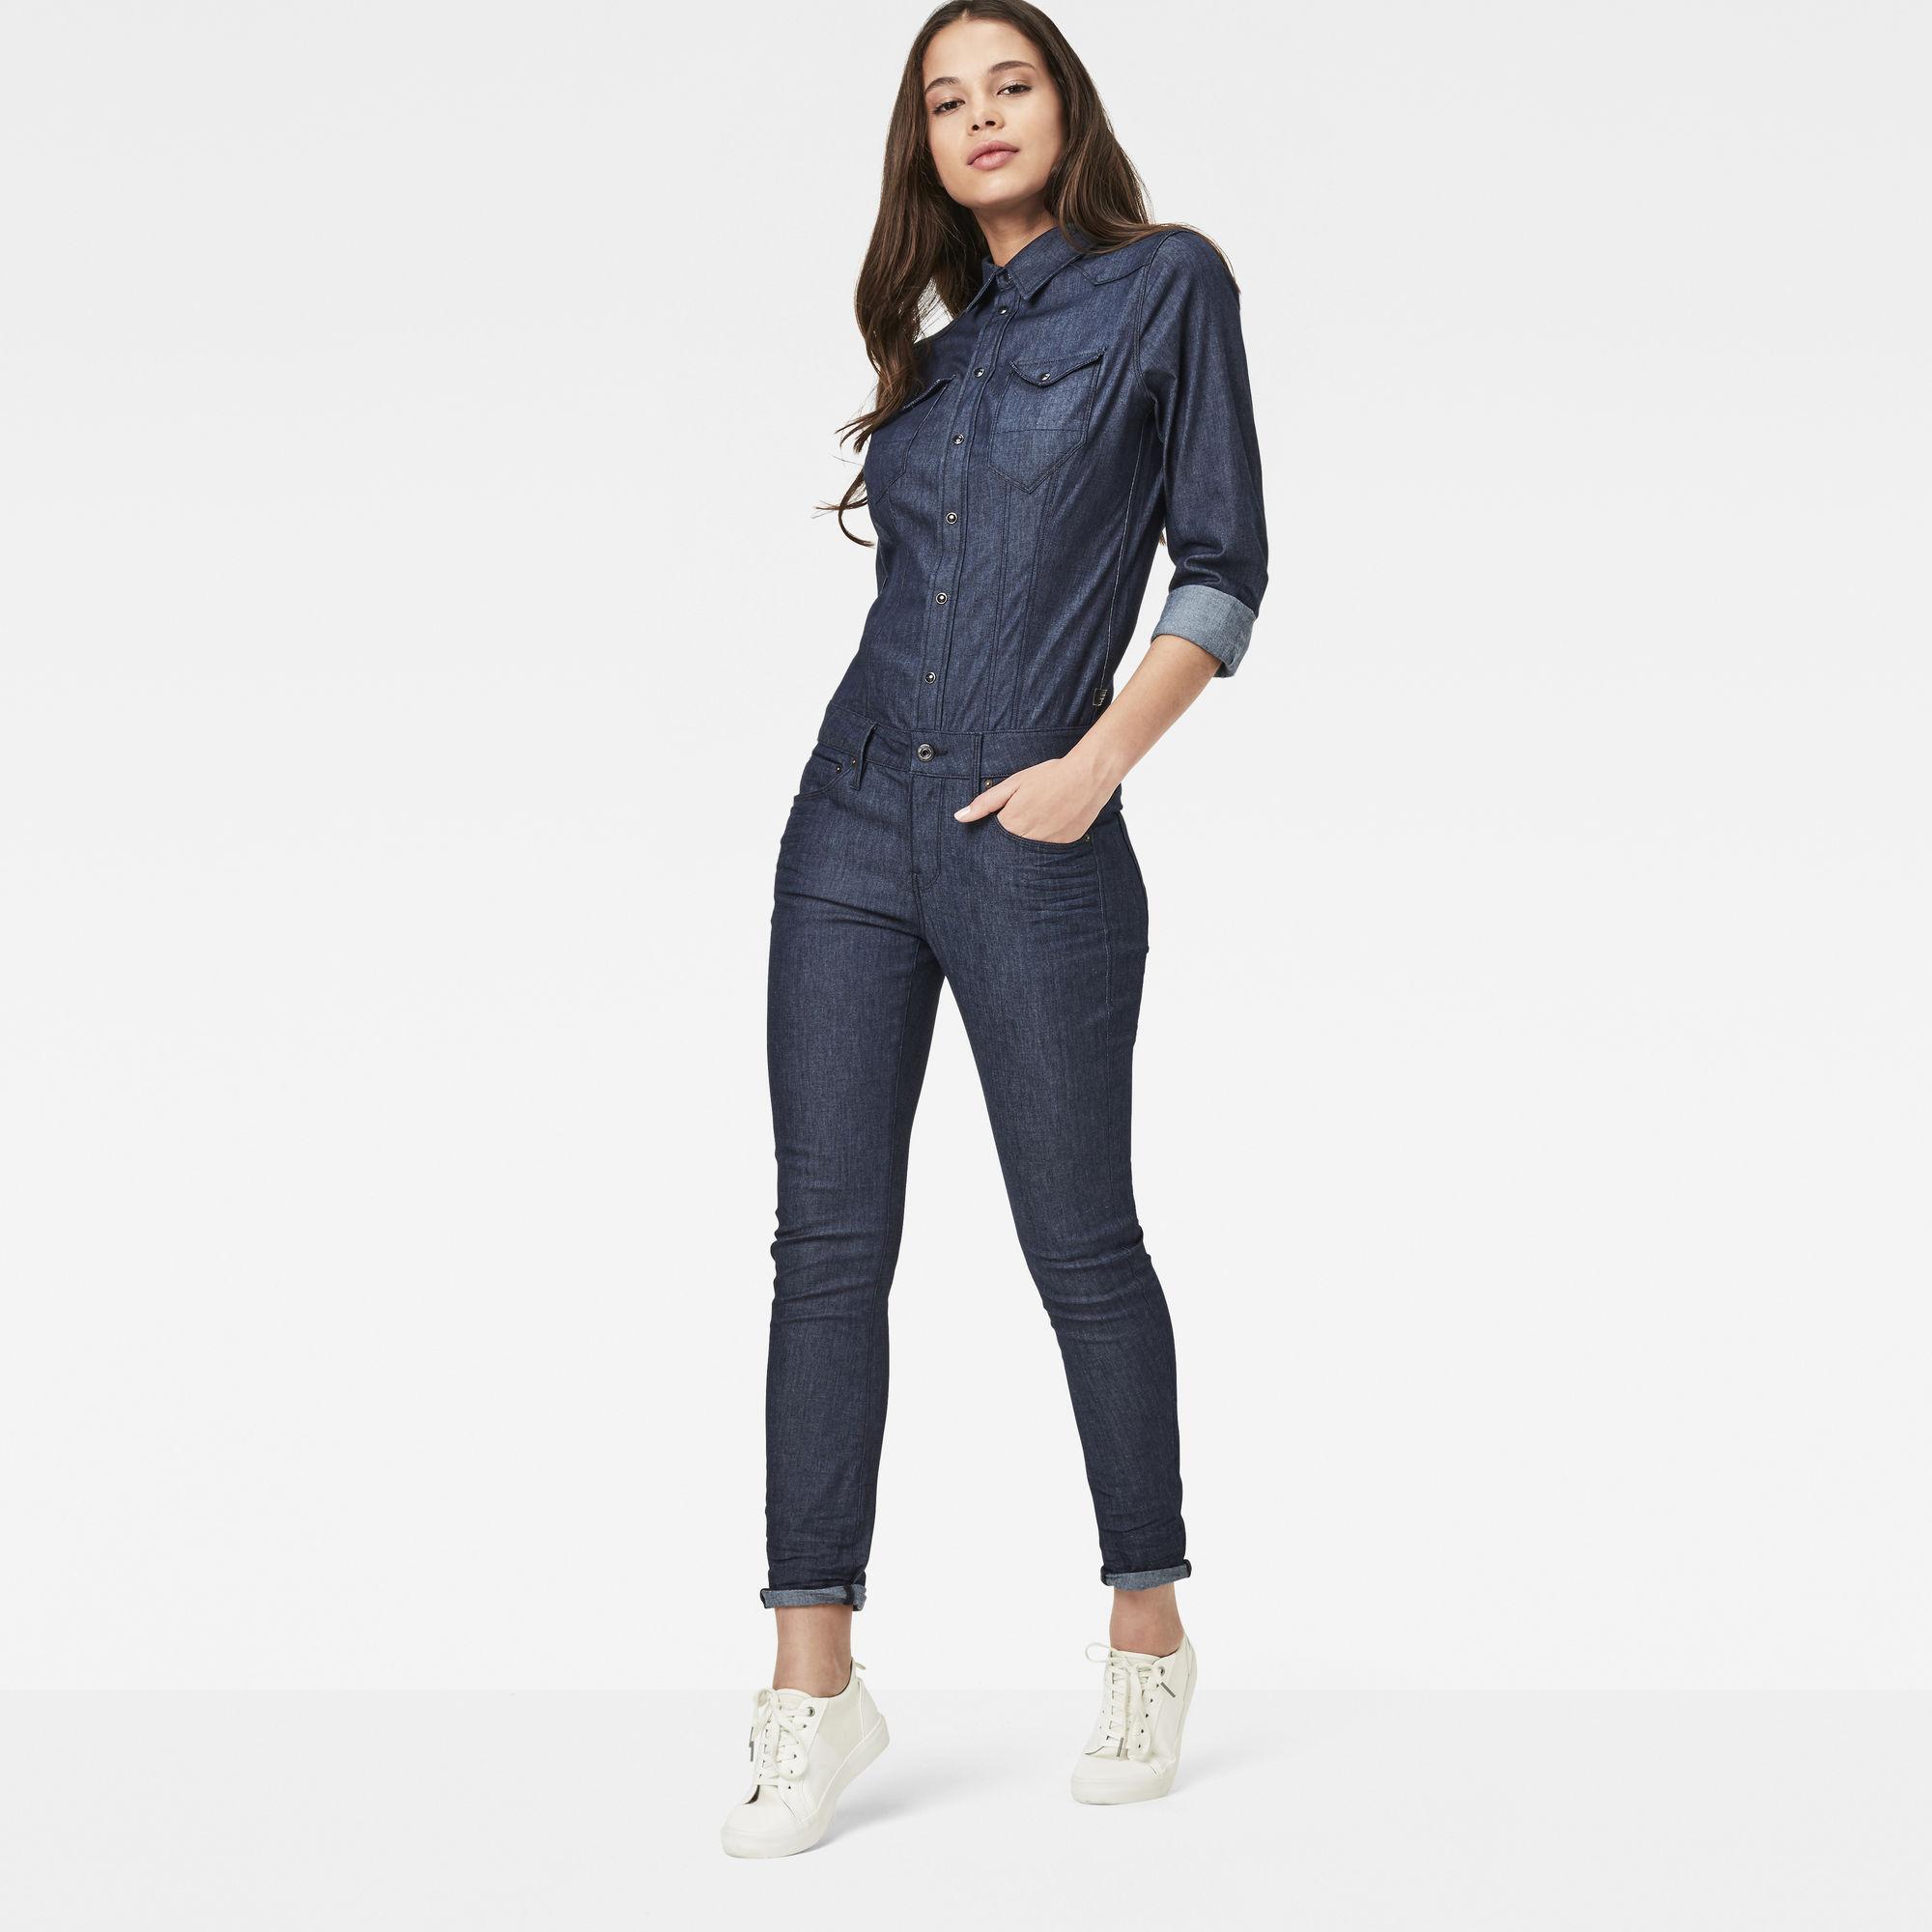 Tacoma Slim Jumpsuit